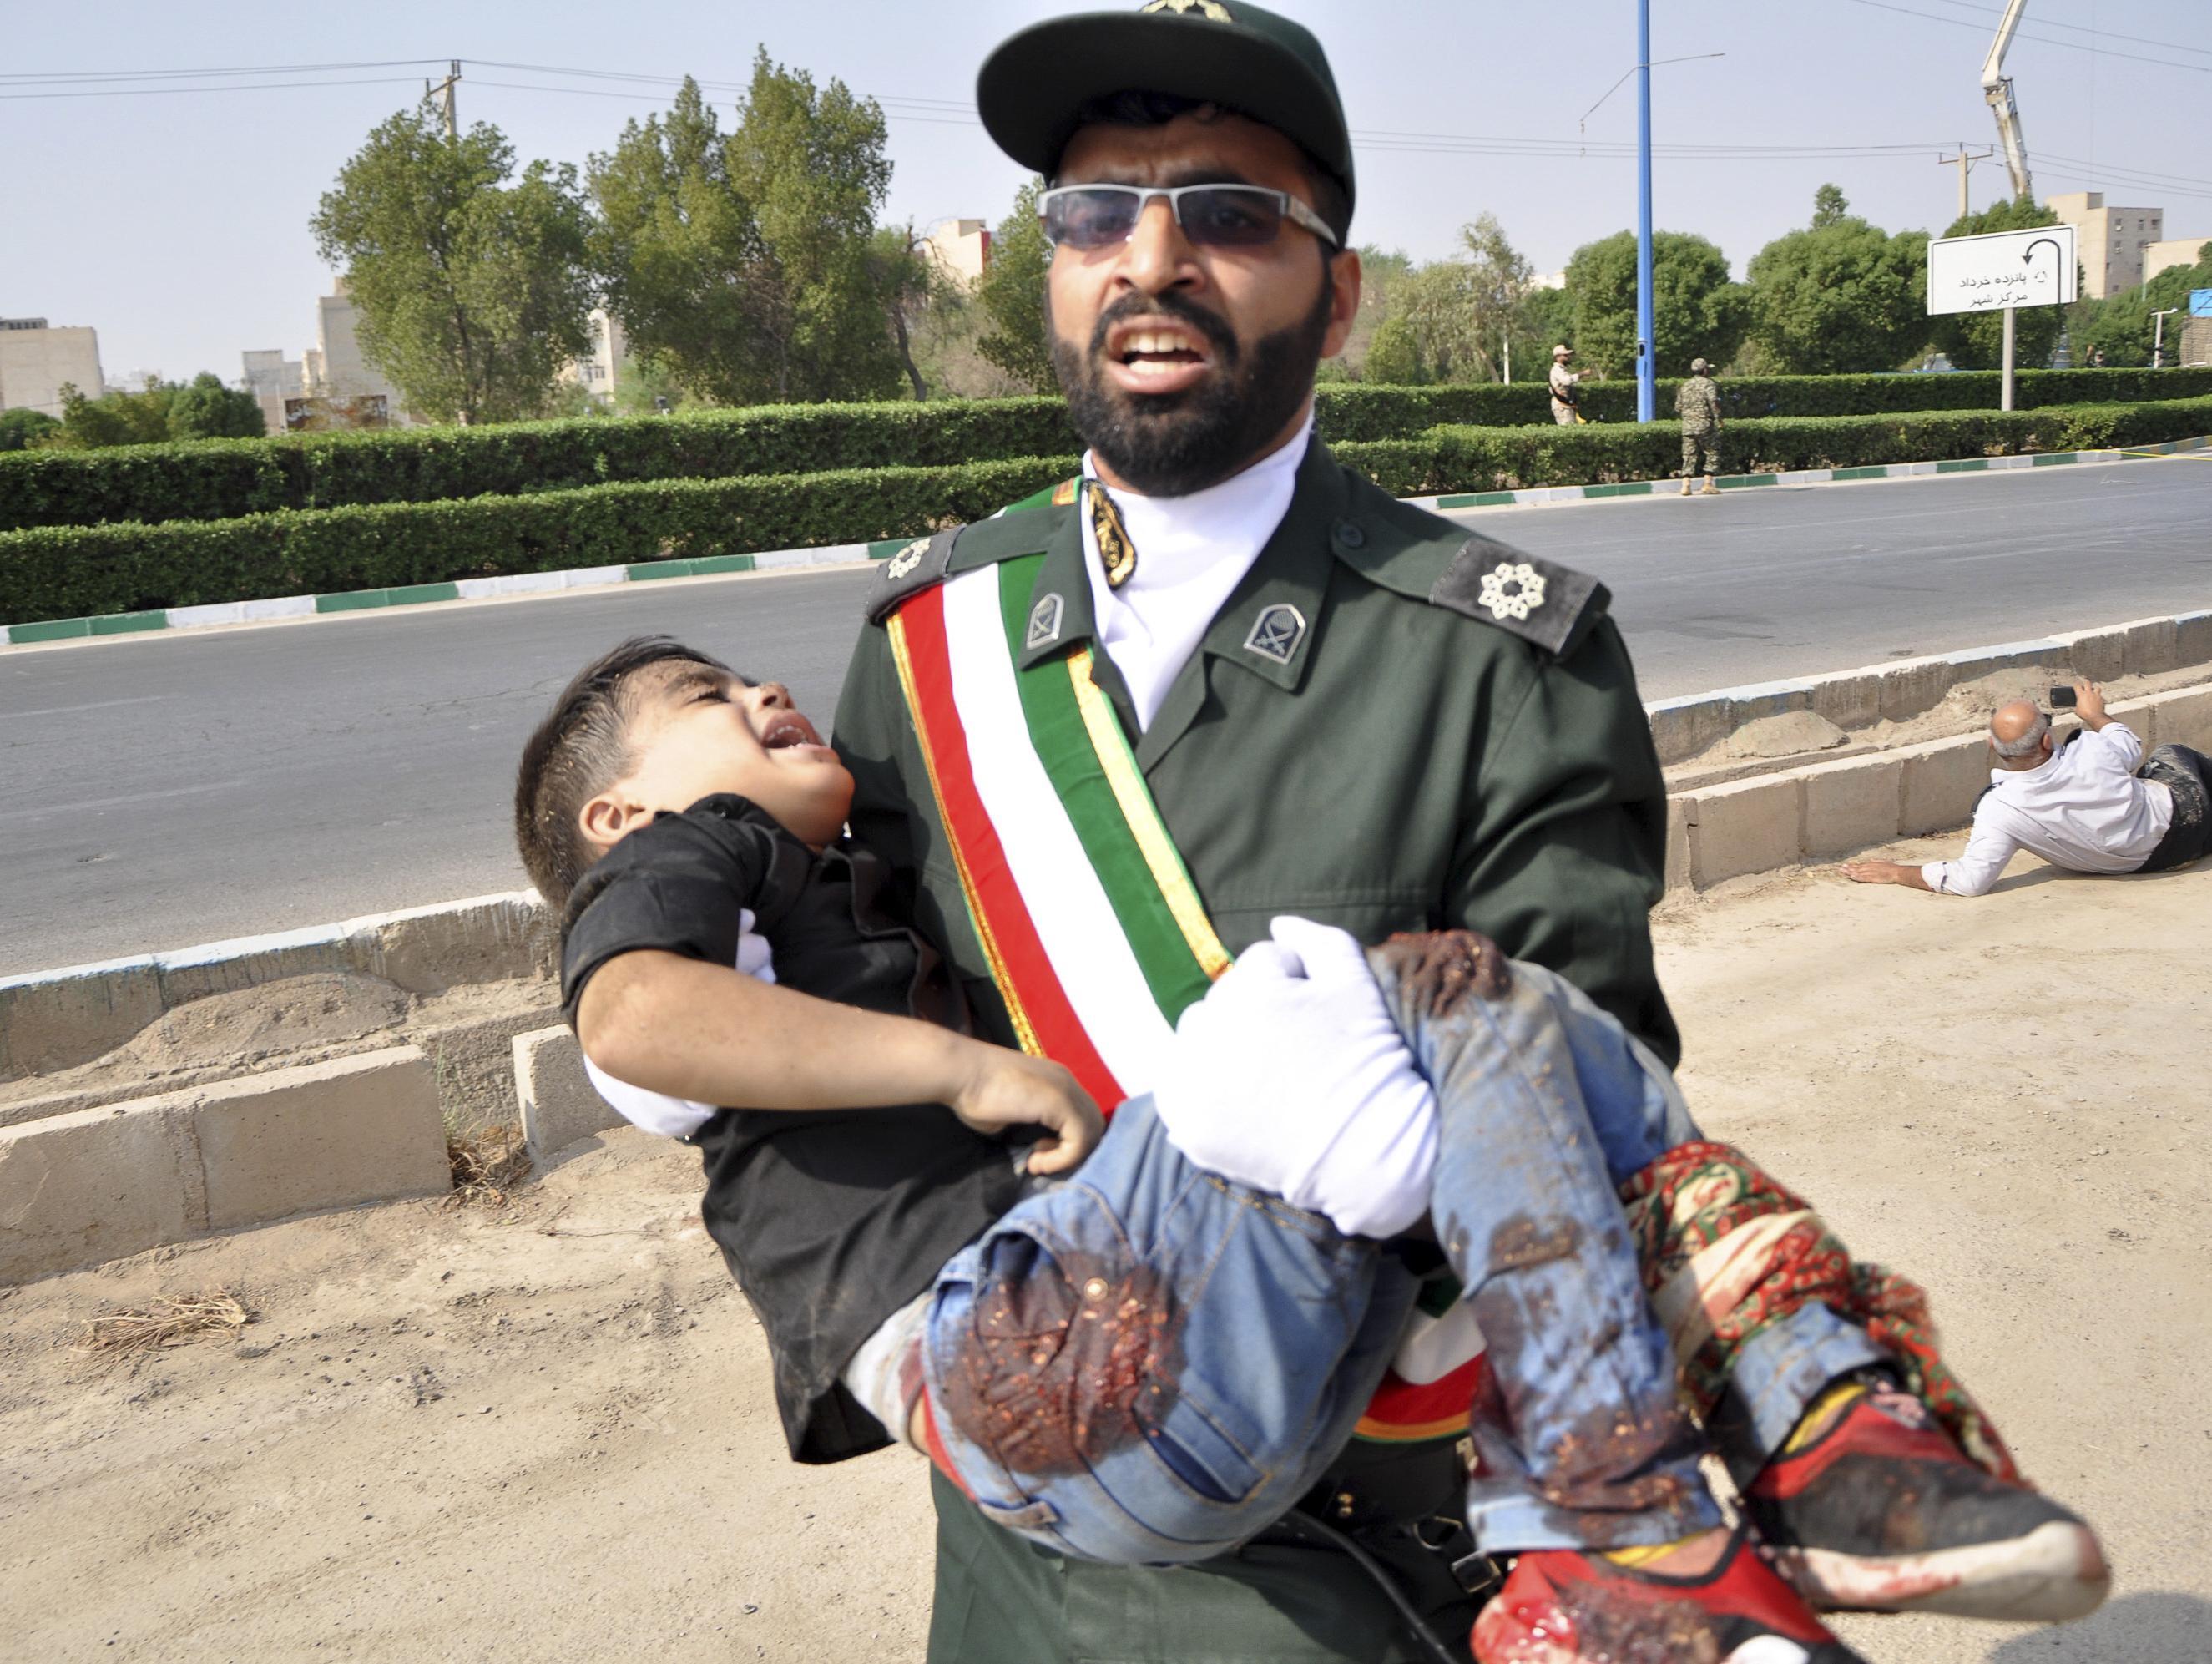 פיגוע תעמולתי: כשירי חסר הבחנה משחק לידיים של המשטר האיראני